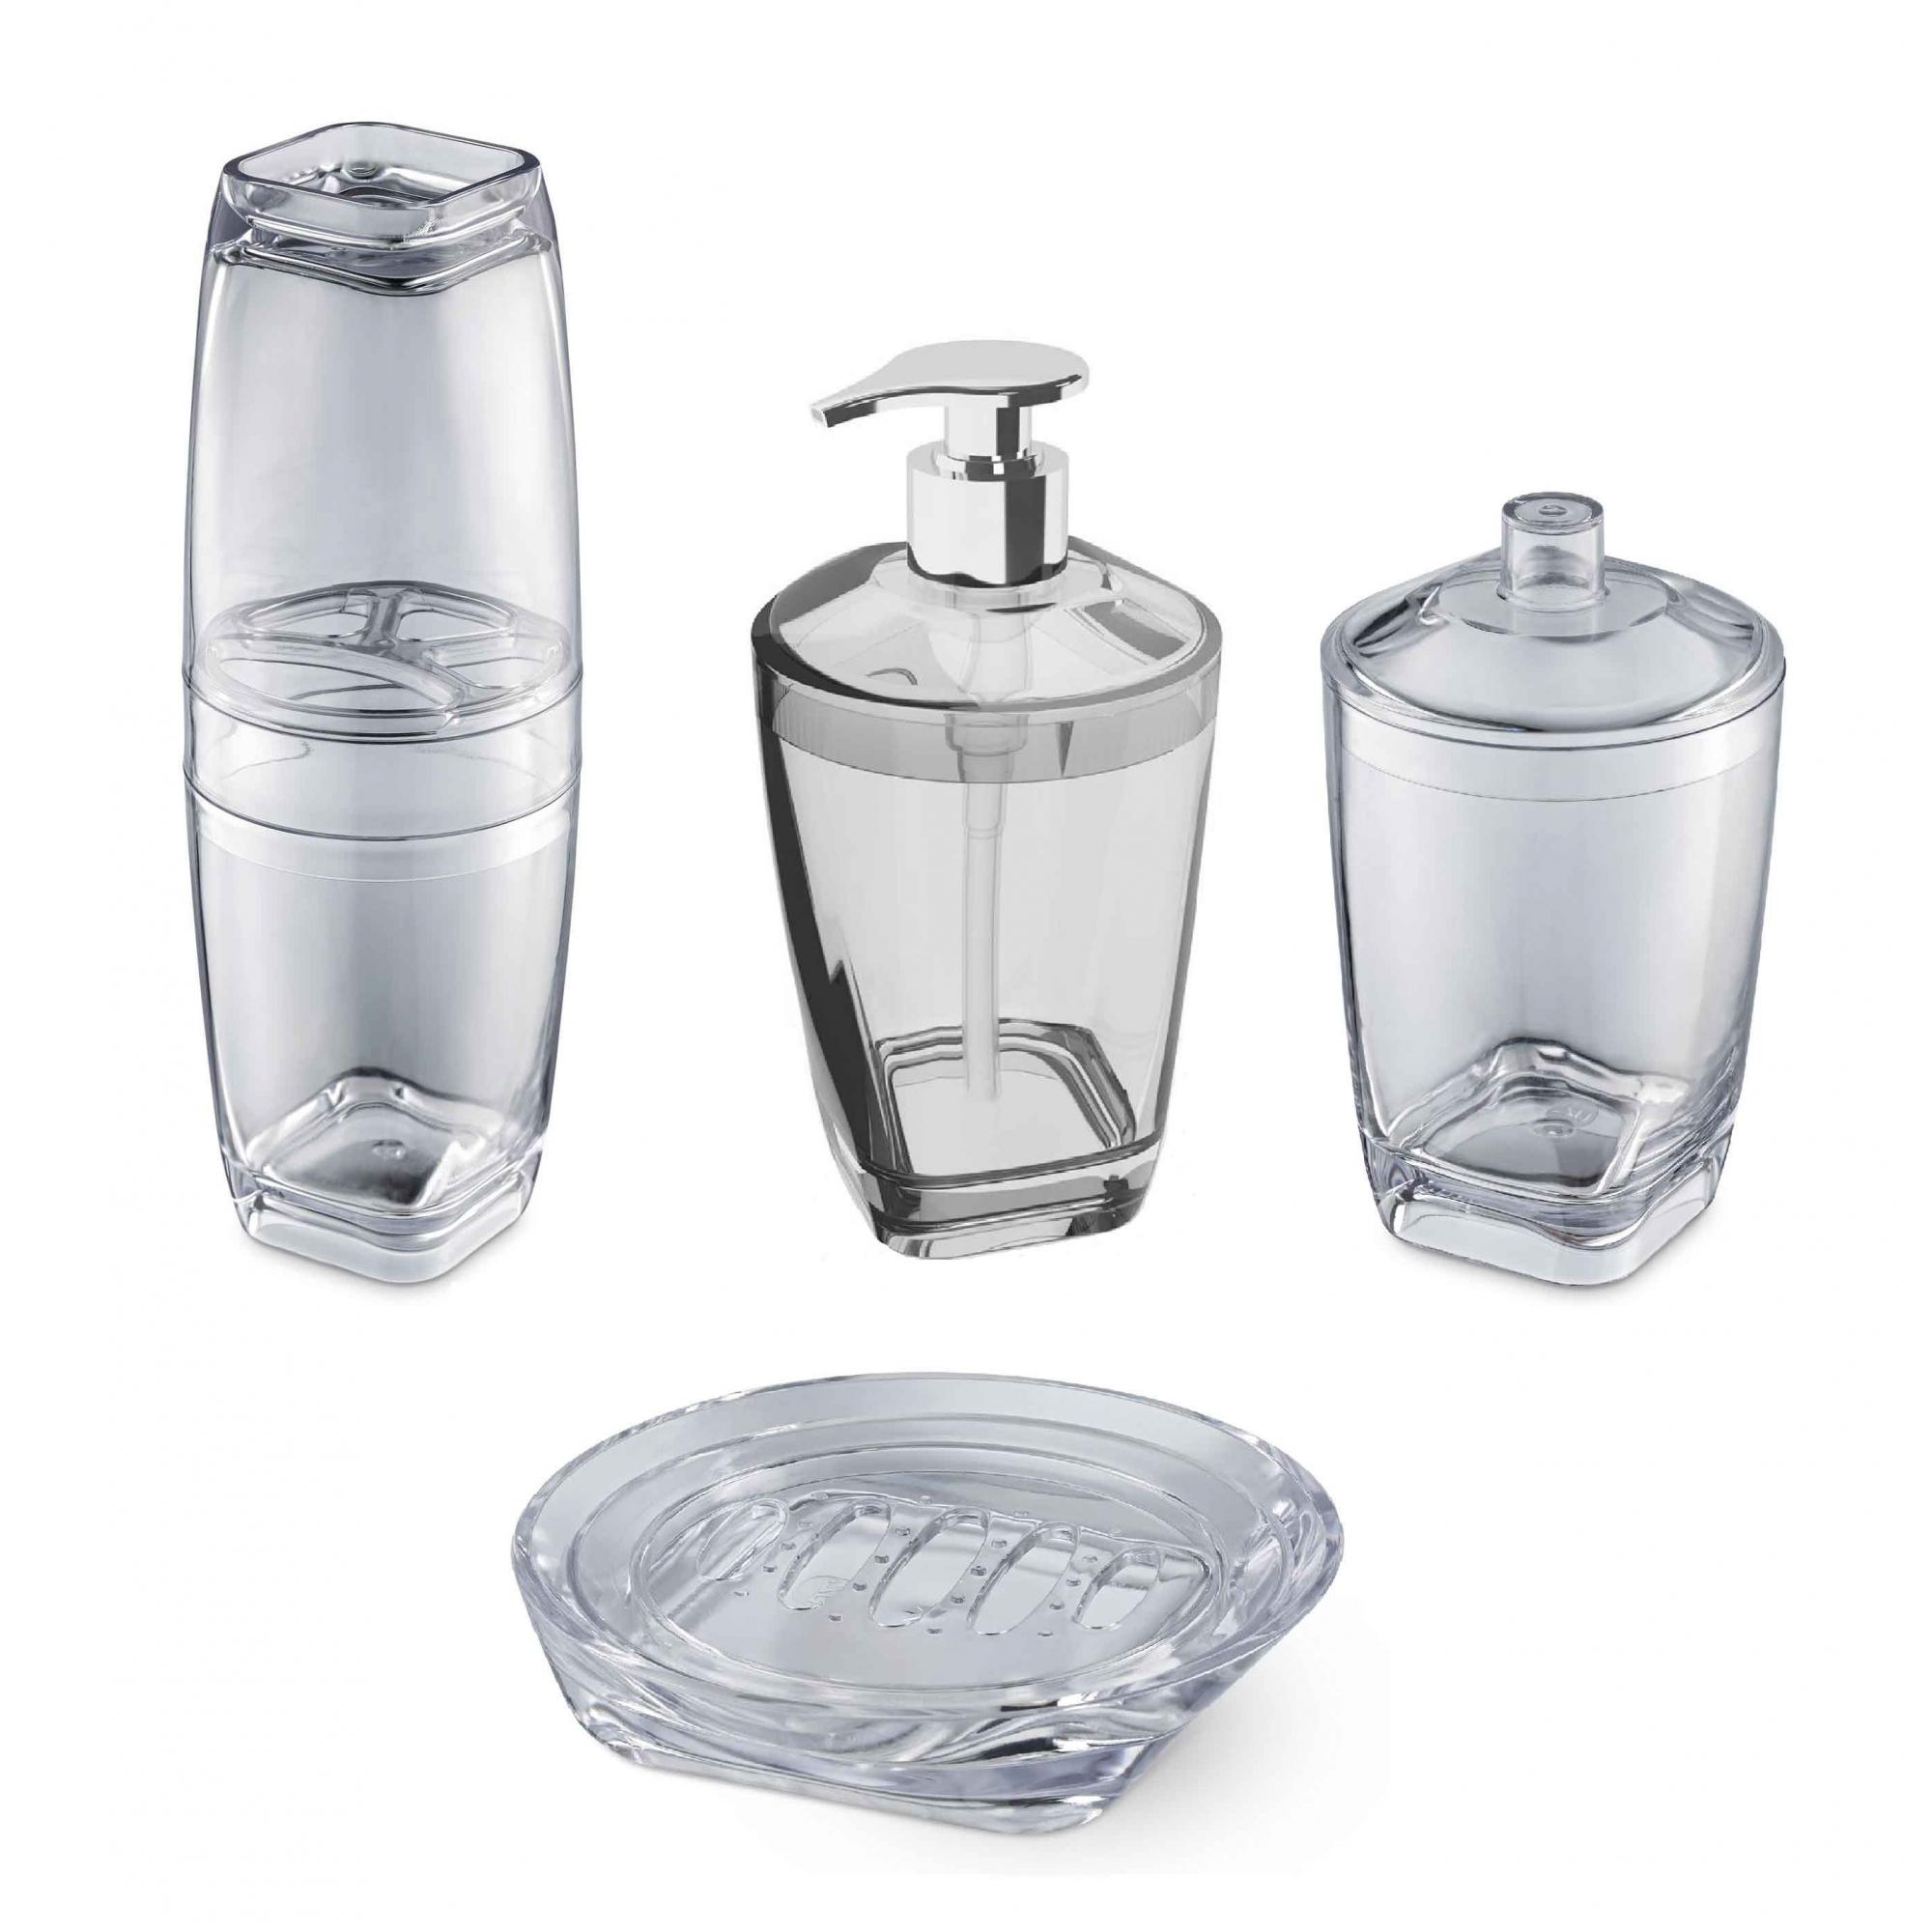 Kit Higiene Banheiro 4 Peças Porta Escova Sabonete Líquido Porta Algodão E Saboneteira Premium Uz Transparente